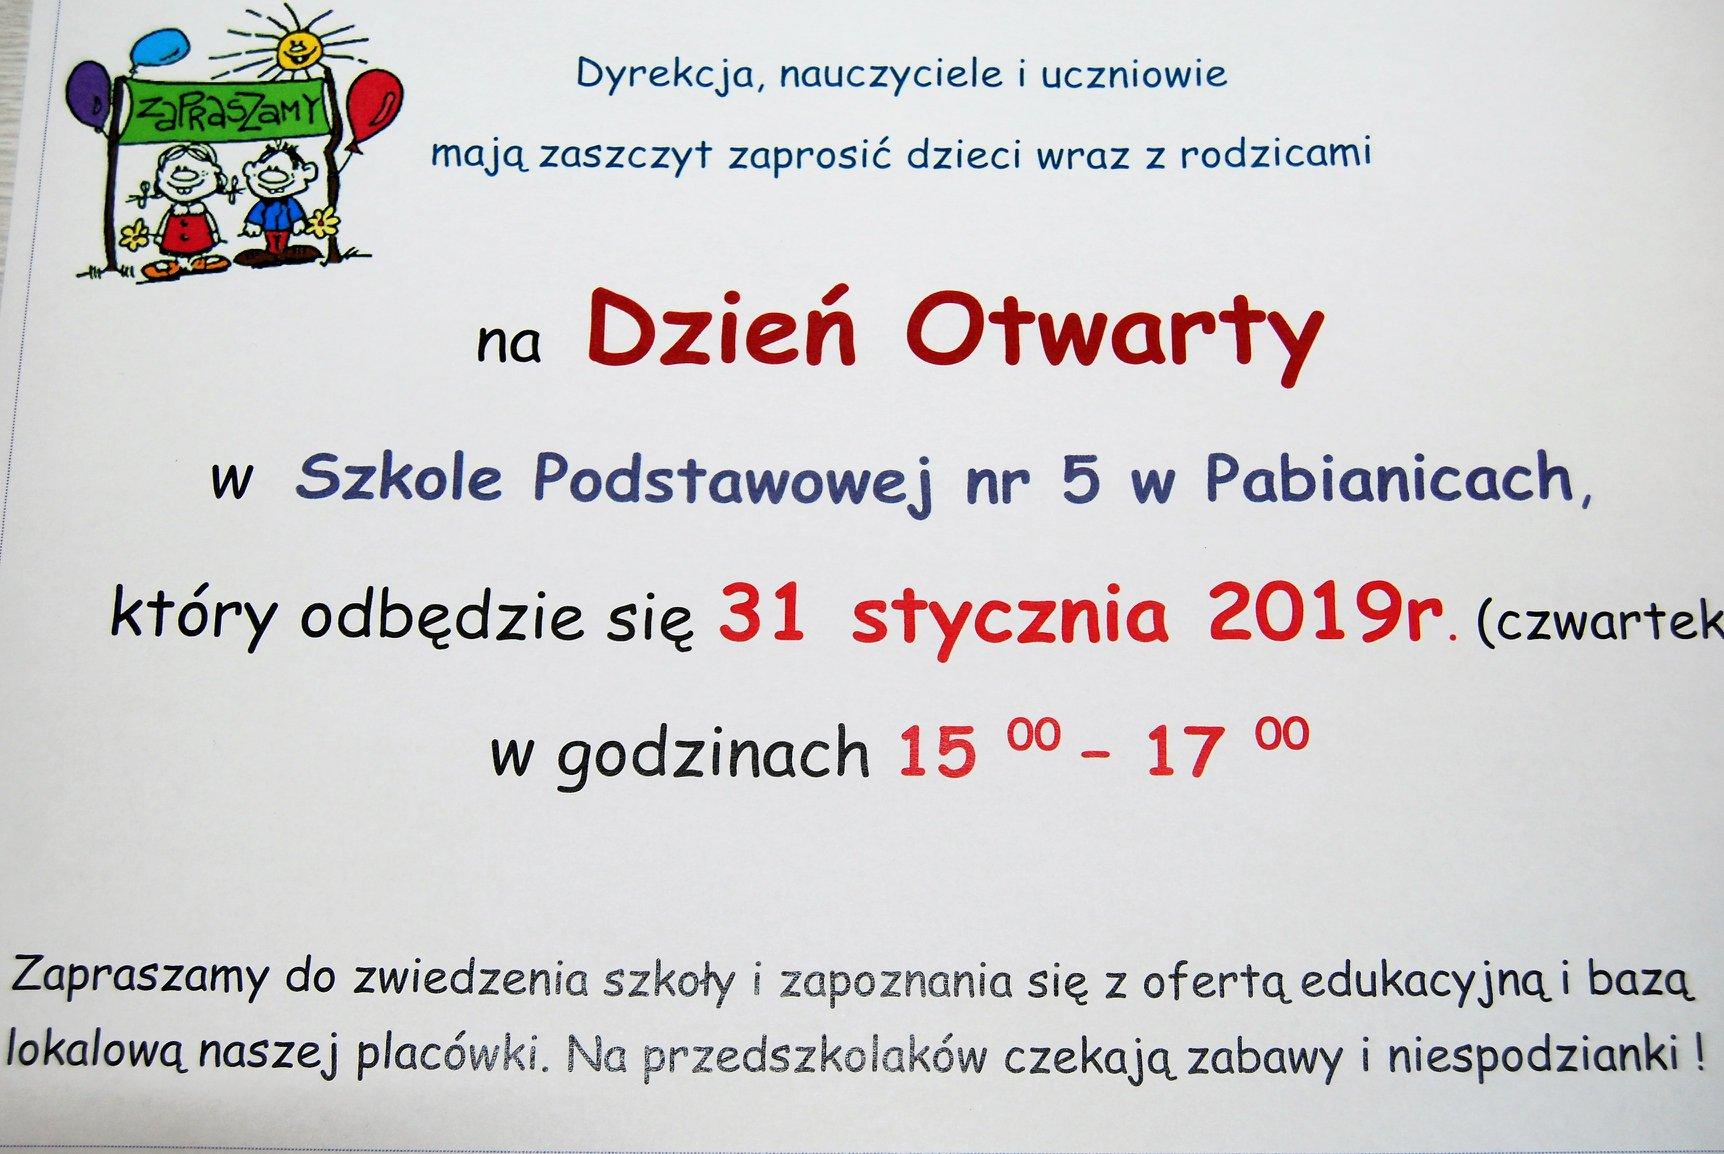 8d0d8a1d5b Szkoła Podstawowa nr 5 w Pabianicach im. Grzegorza Piramowicza